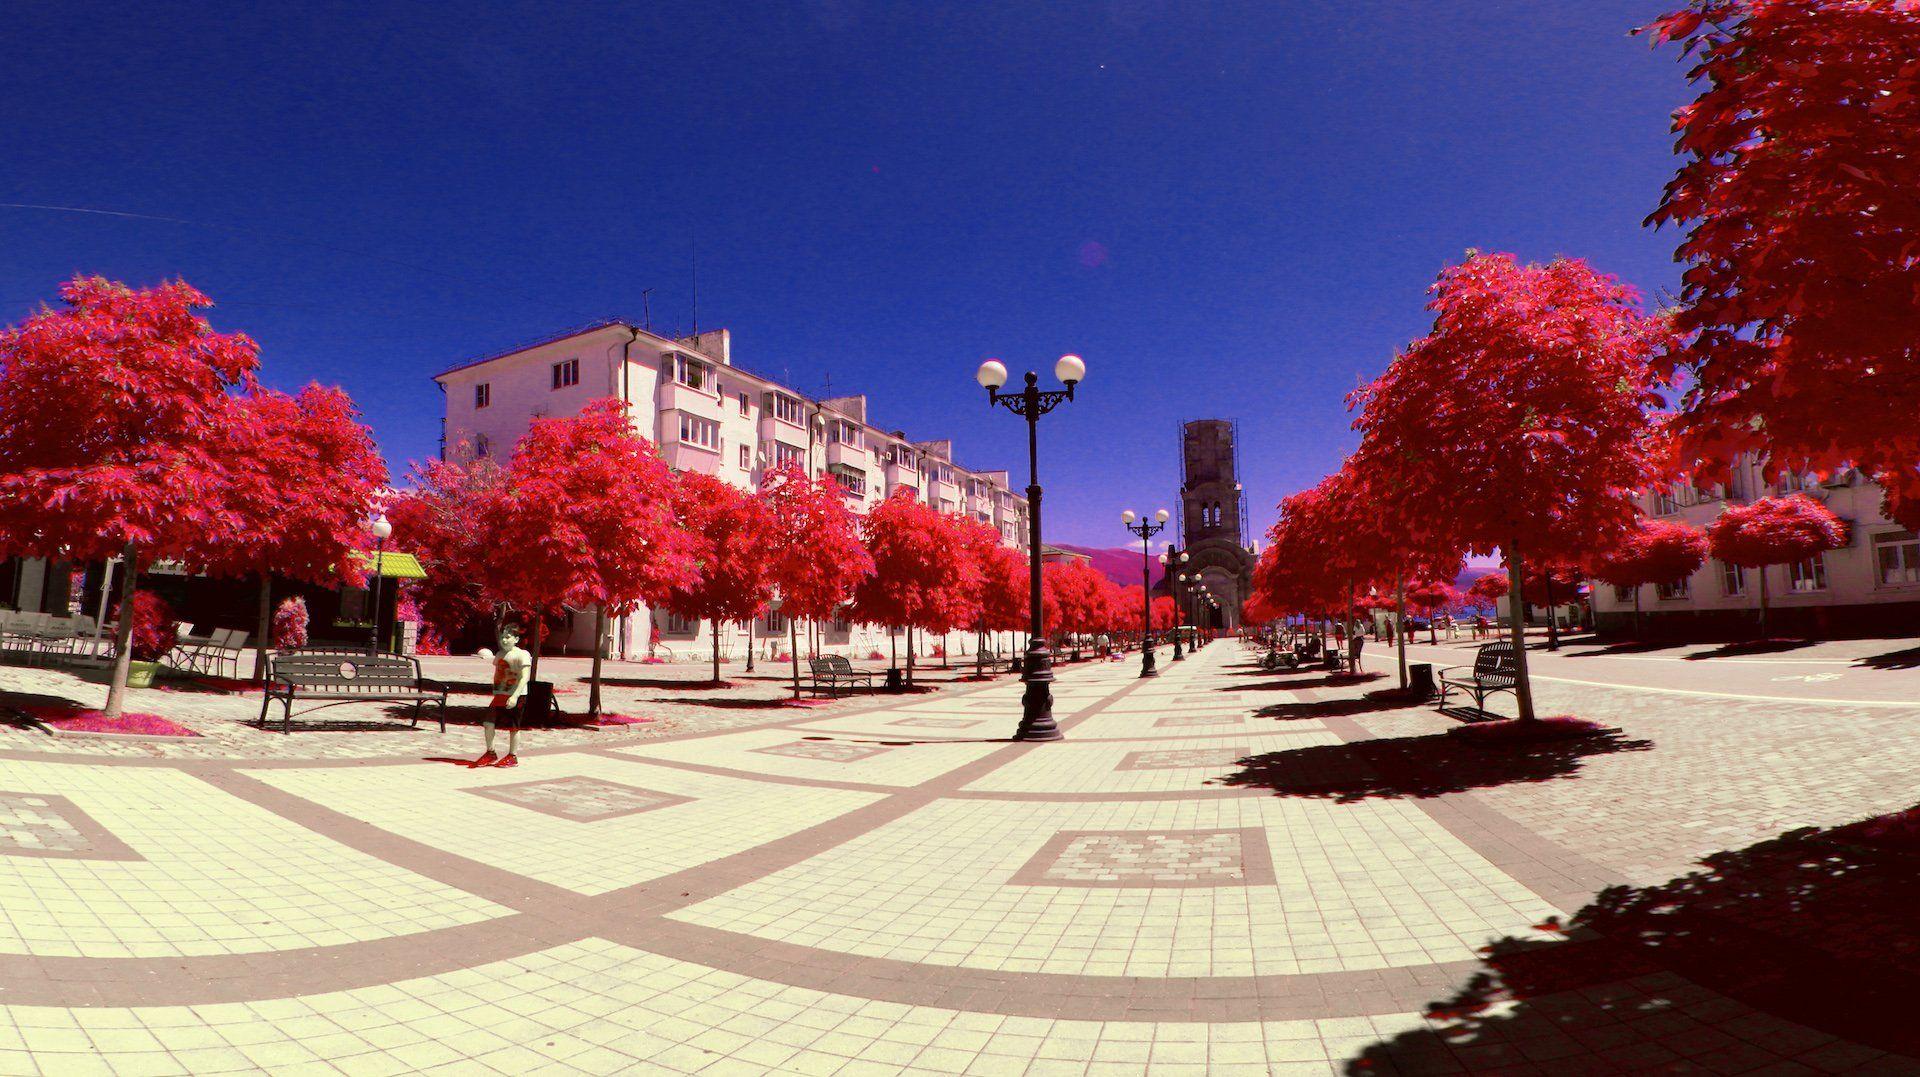 инфракрасная фотография, ик, цветная инфракрасная фотография, Никифоров Егор